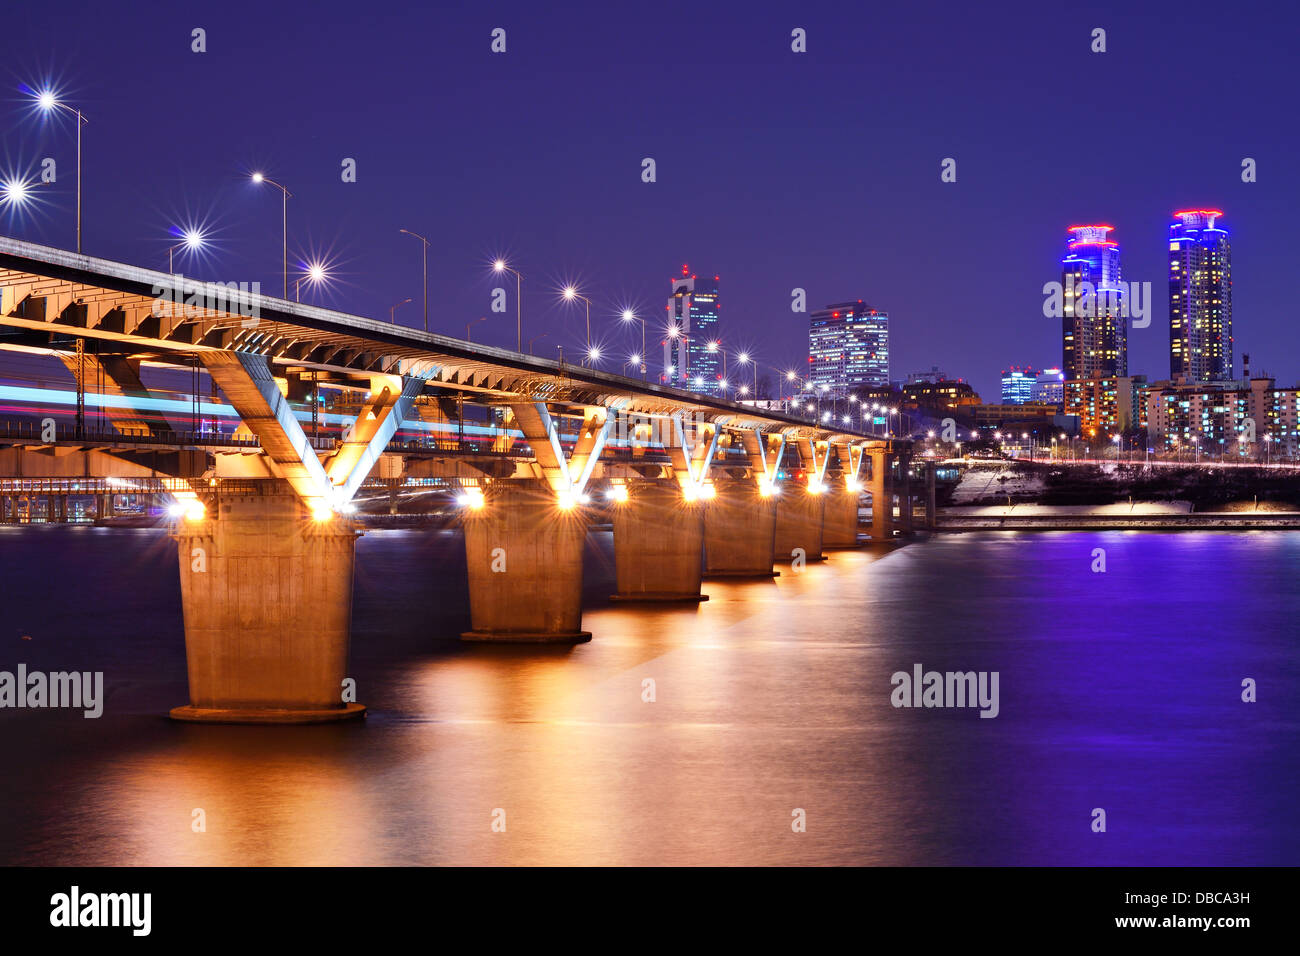 Y el puente del río Han en Seúl, Corea del Sur. Imagen De Stock